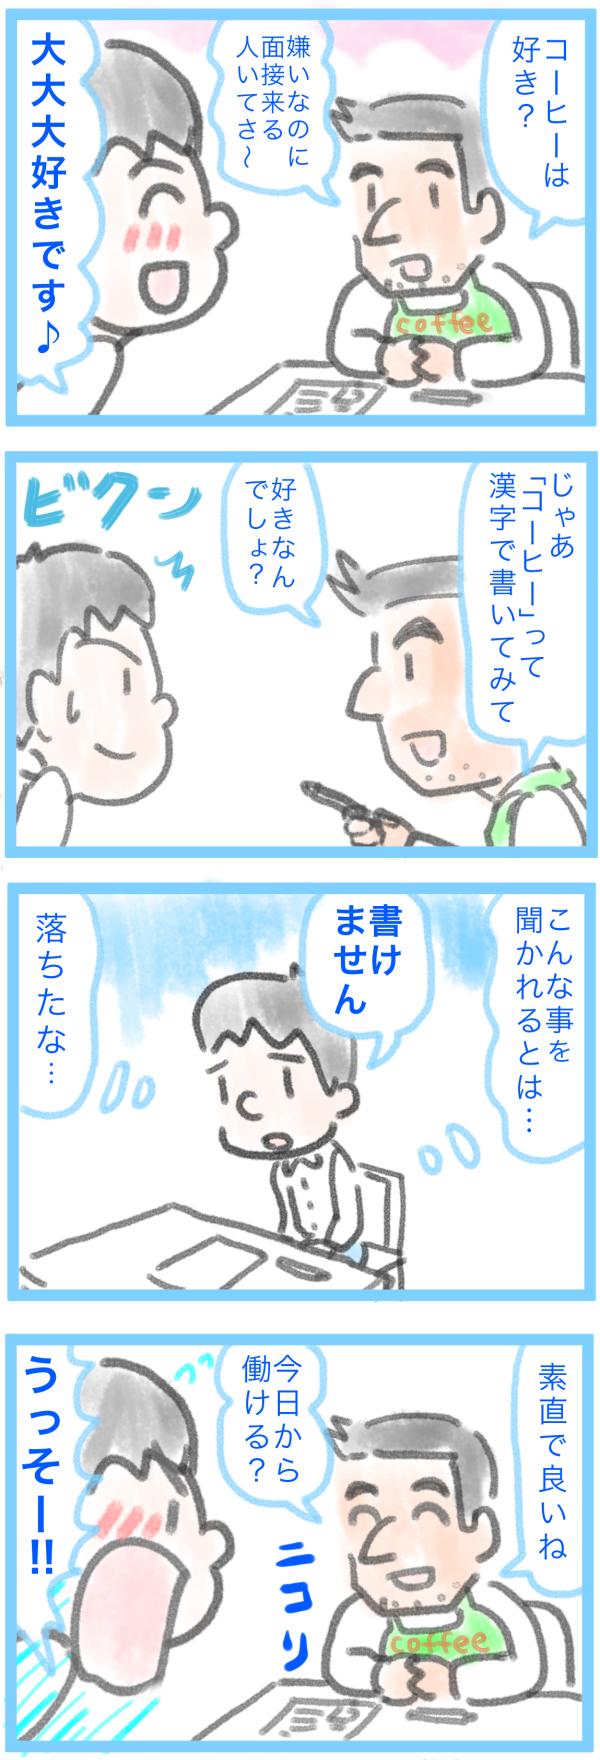 有機コーヒーの漫画